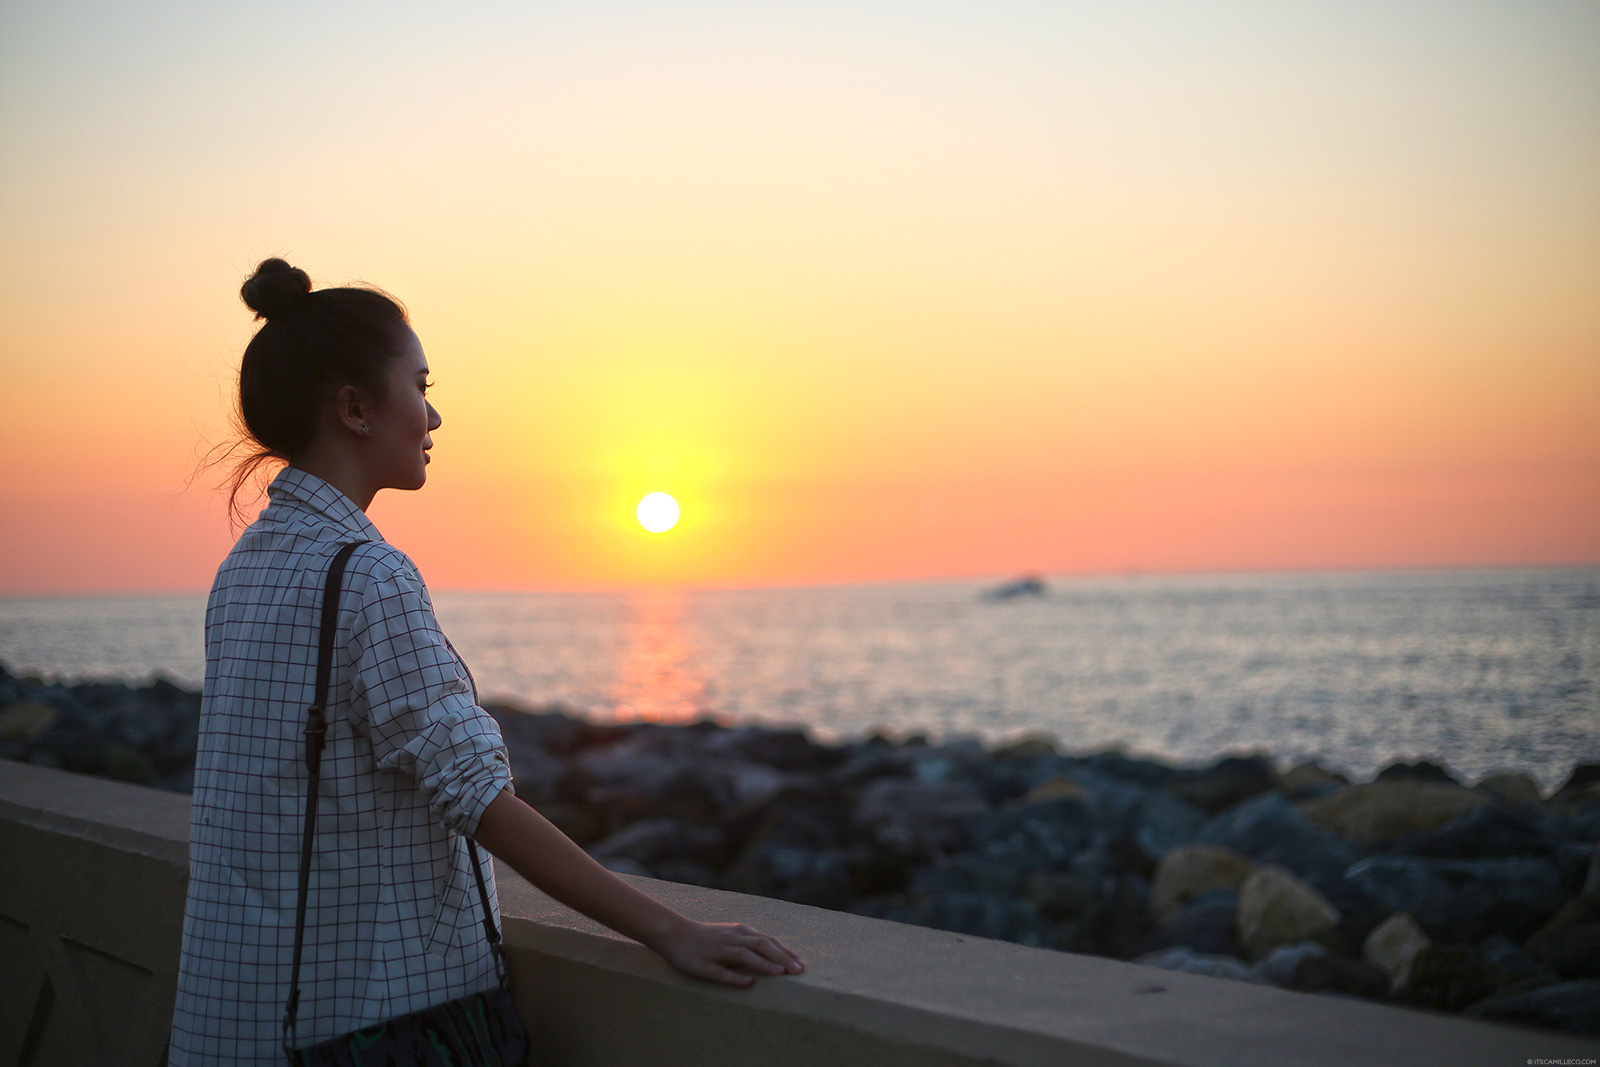 Dubai Travel Diary | www.itscamilleco.com